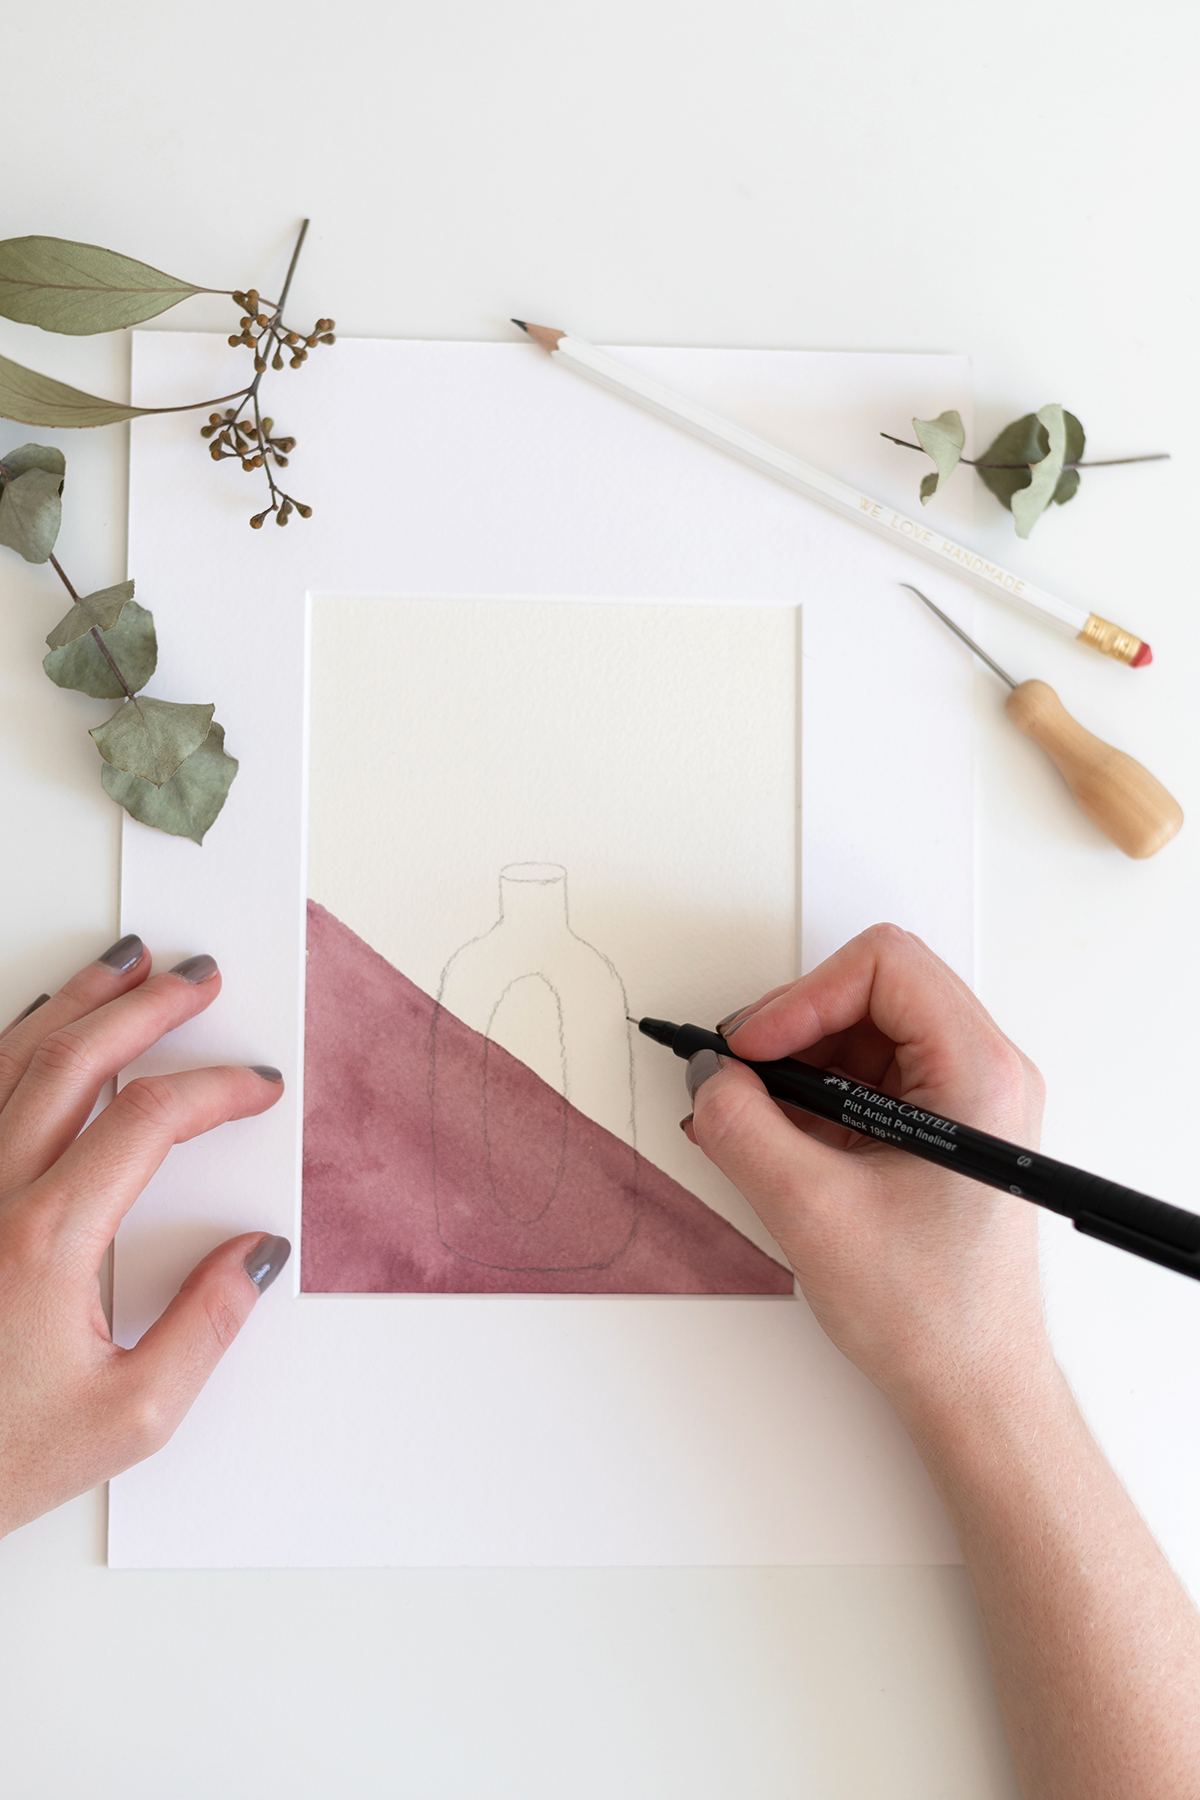 Illustrierte Vase | we love handmade